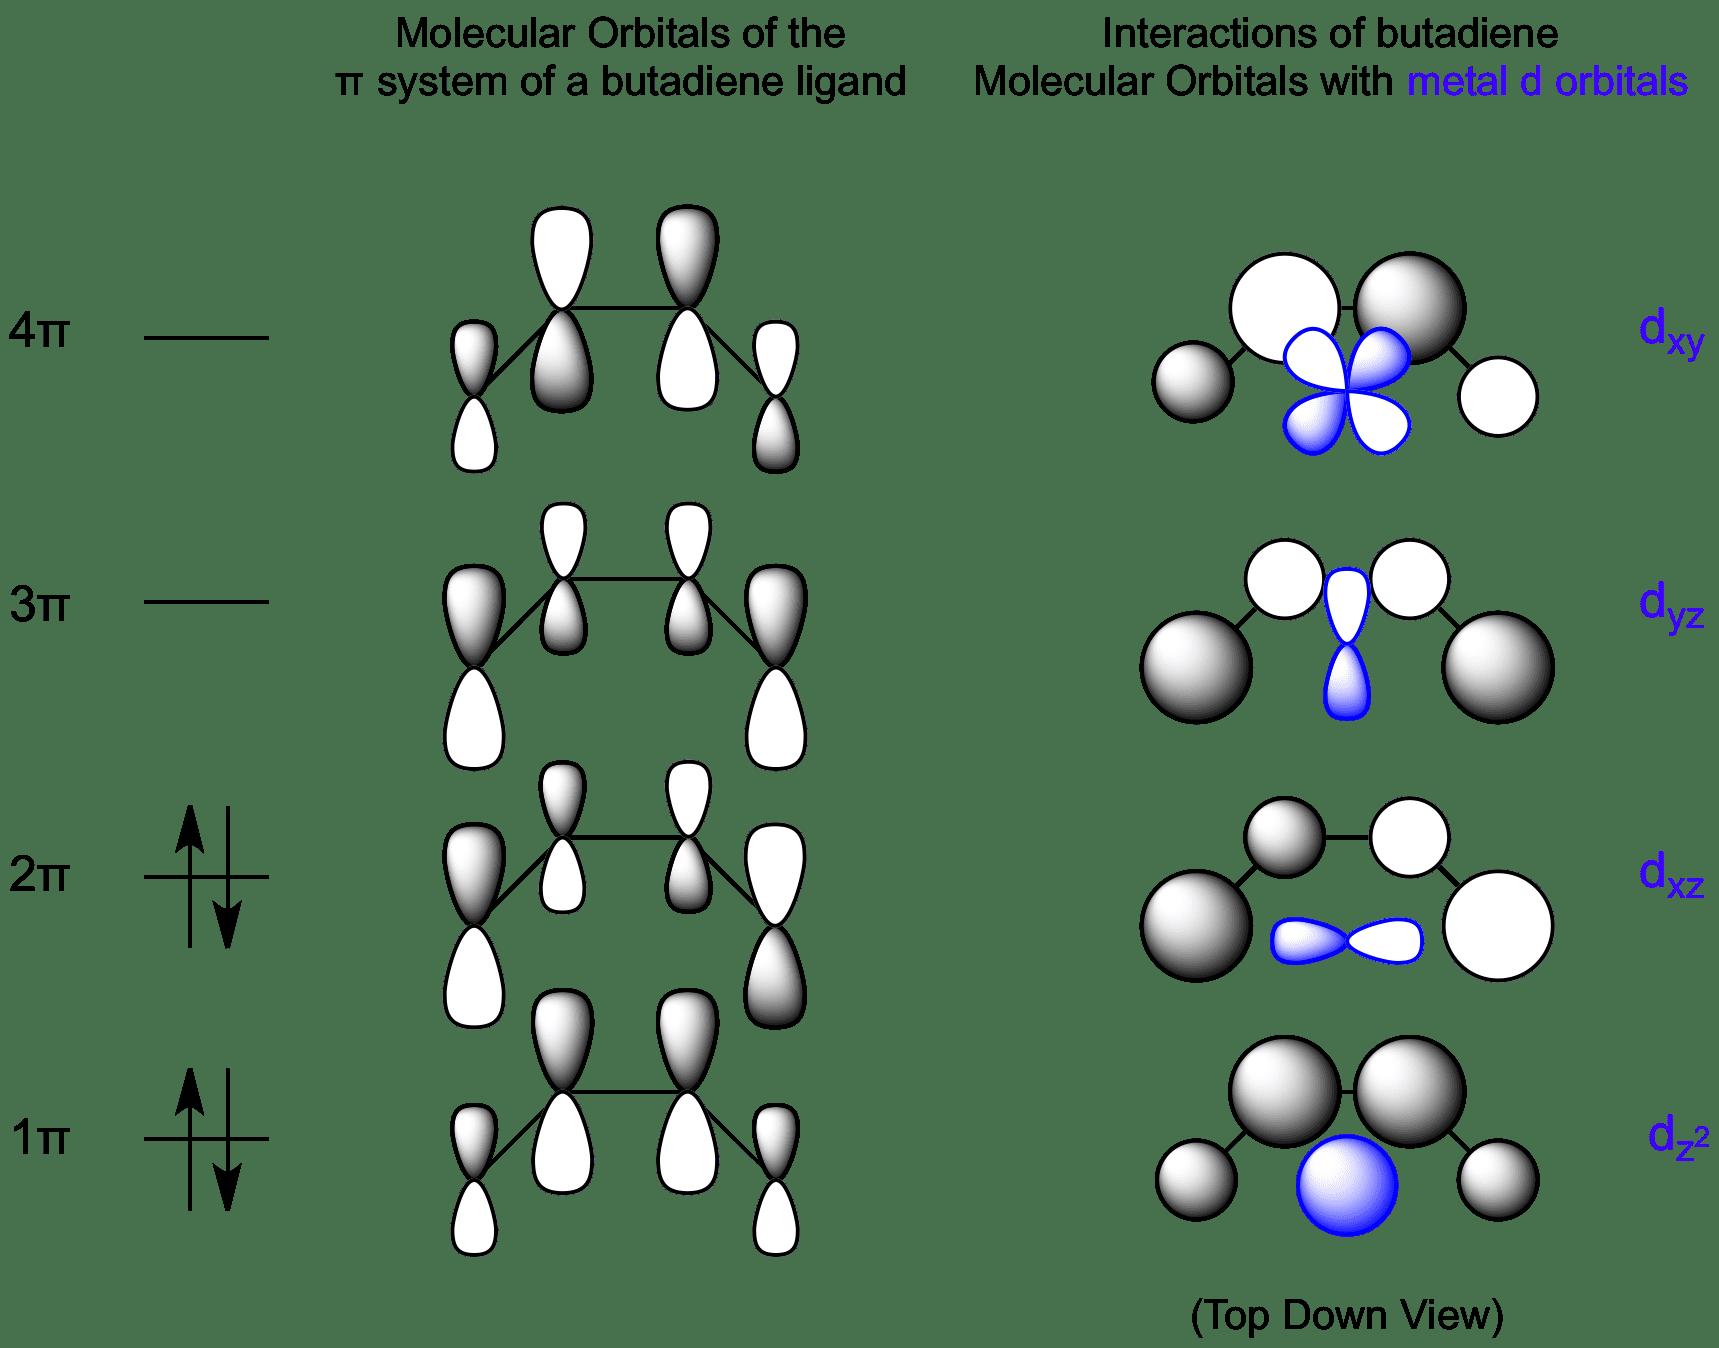 Interactions between butadiene molecular orbitals and metal d butadiene pooptronica